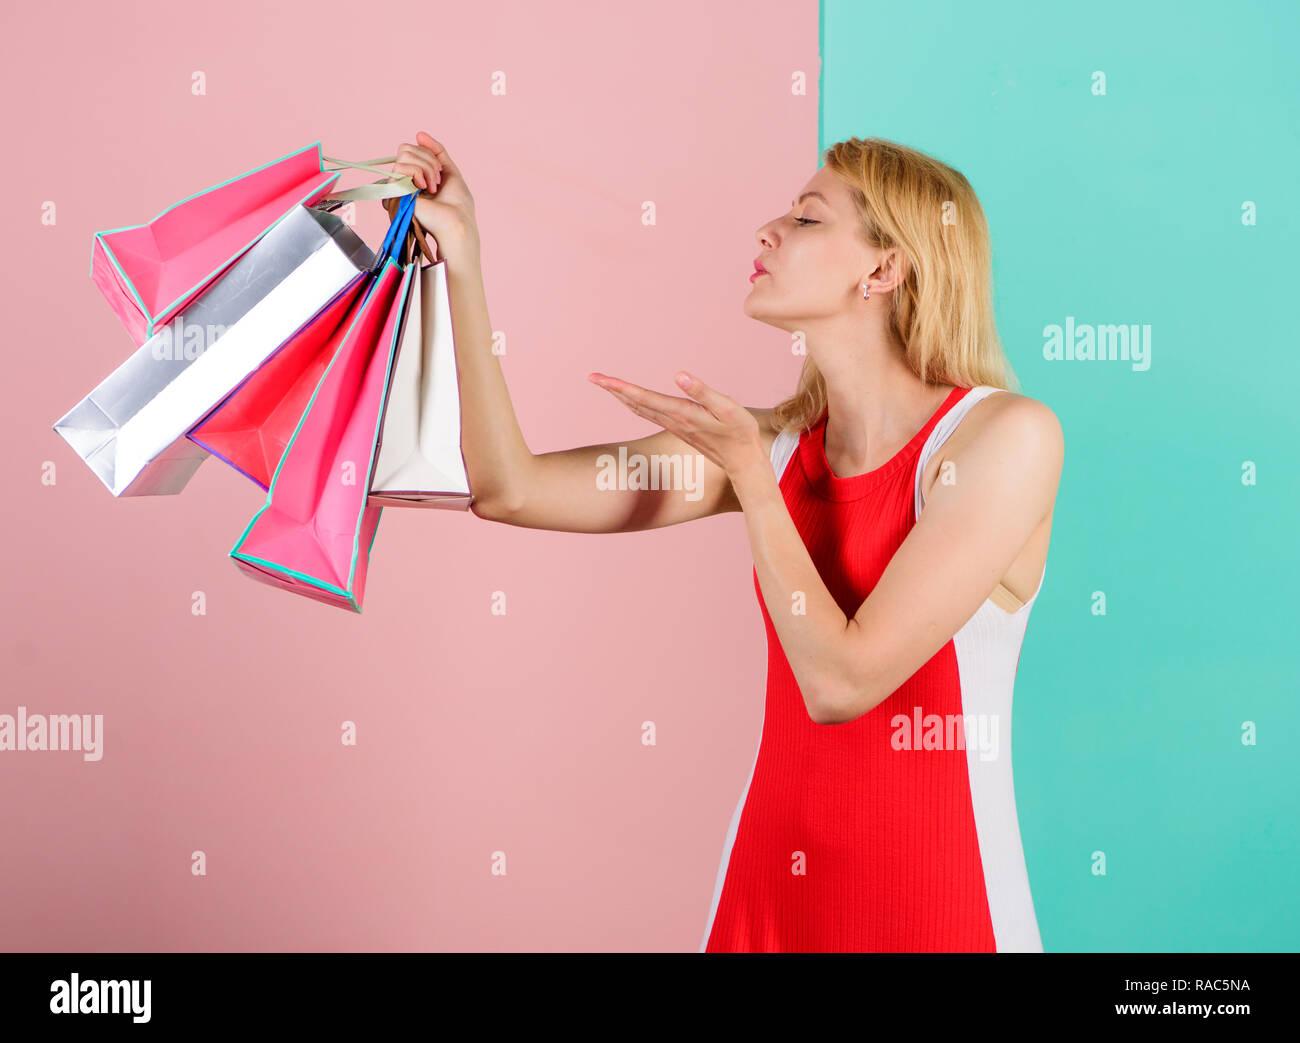 Mädchen mit Shopping zufrieden. Tipps zum Vertrieb erfolgreich ...